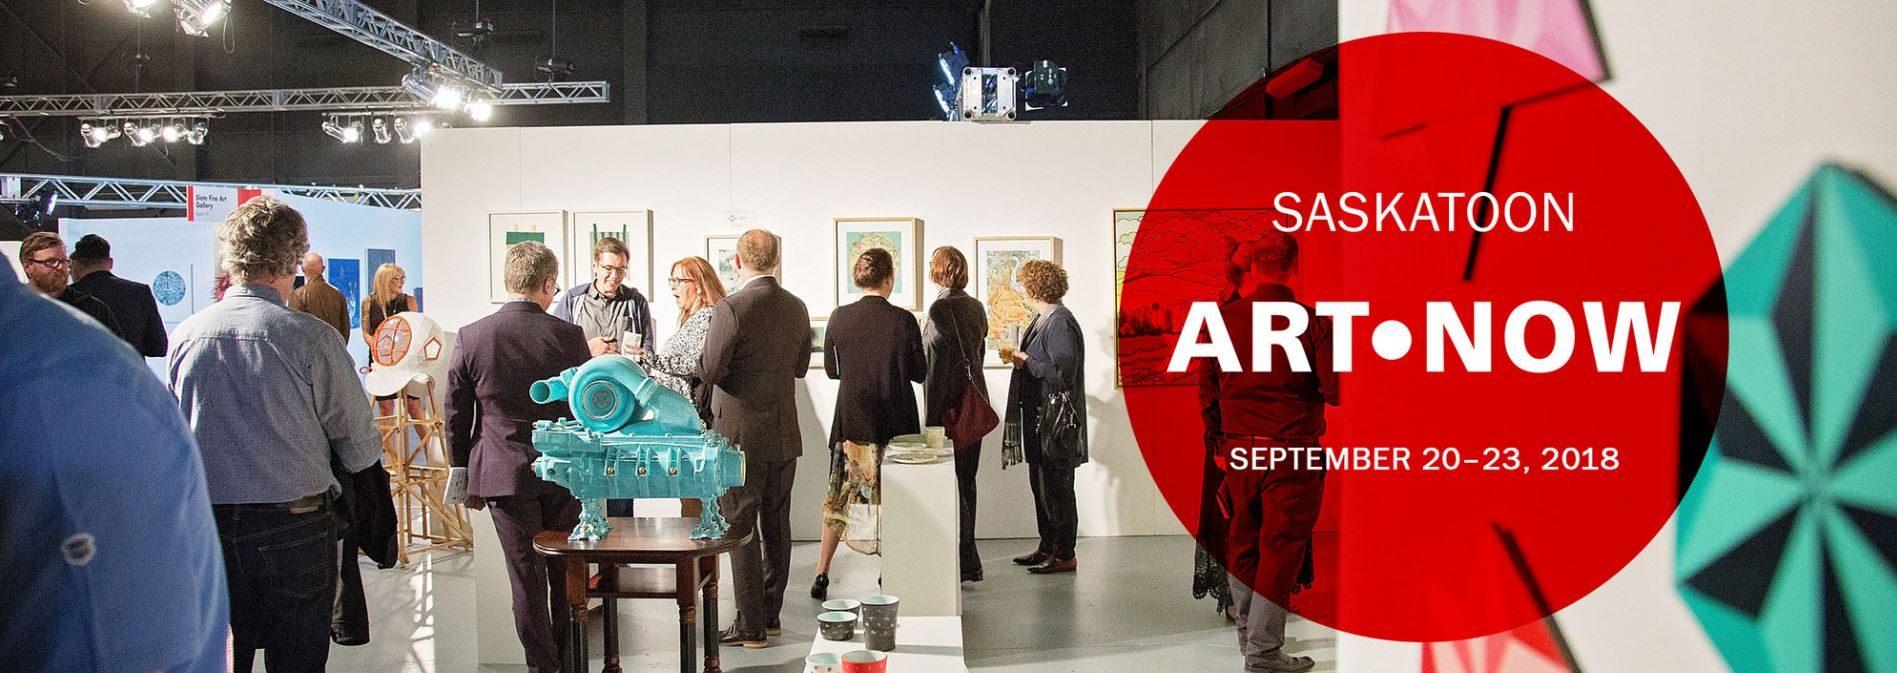 2018-09-14-Art-Now-banner-1.jpg